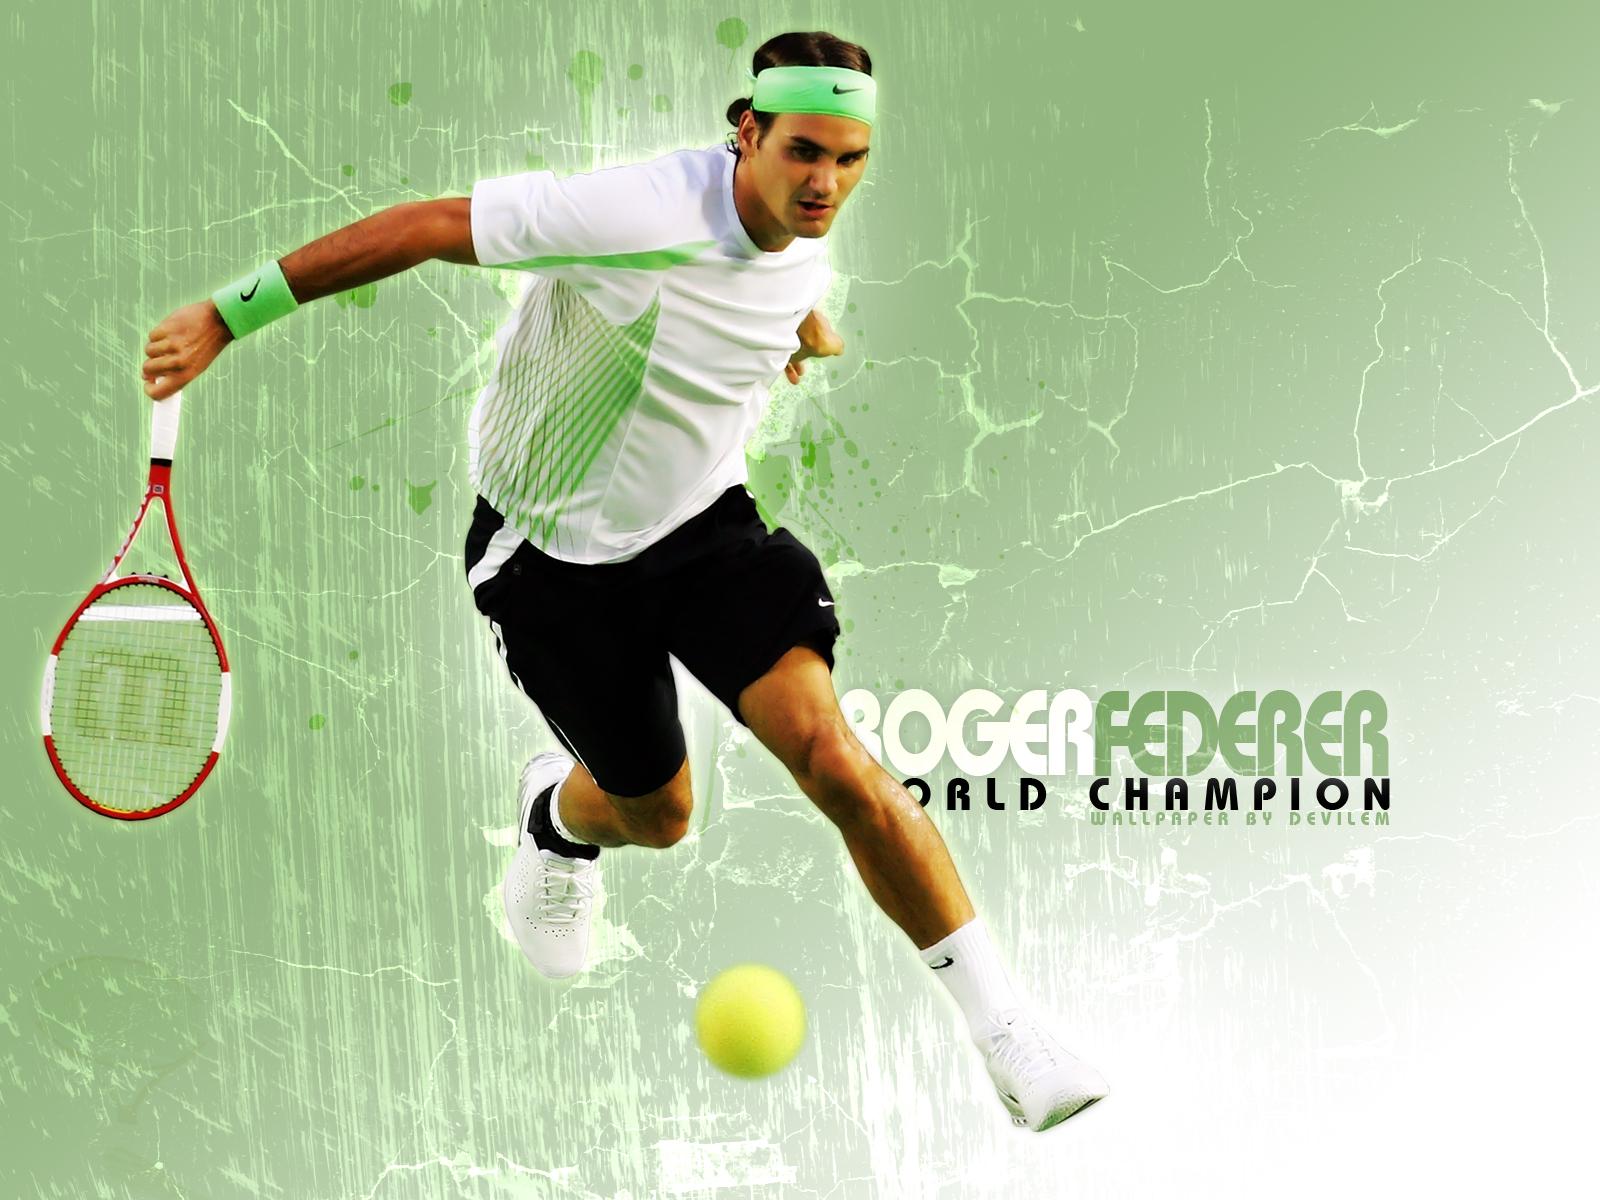 http://3.bp.blogspot.com/-K2J1t90mb6Y/UFBX_-P_oOI/AAAAAAAAC6A/gsw86VqYA_U/s1600/Roger_Federer_HD_Wallpaper_2.jpg